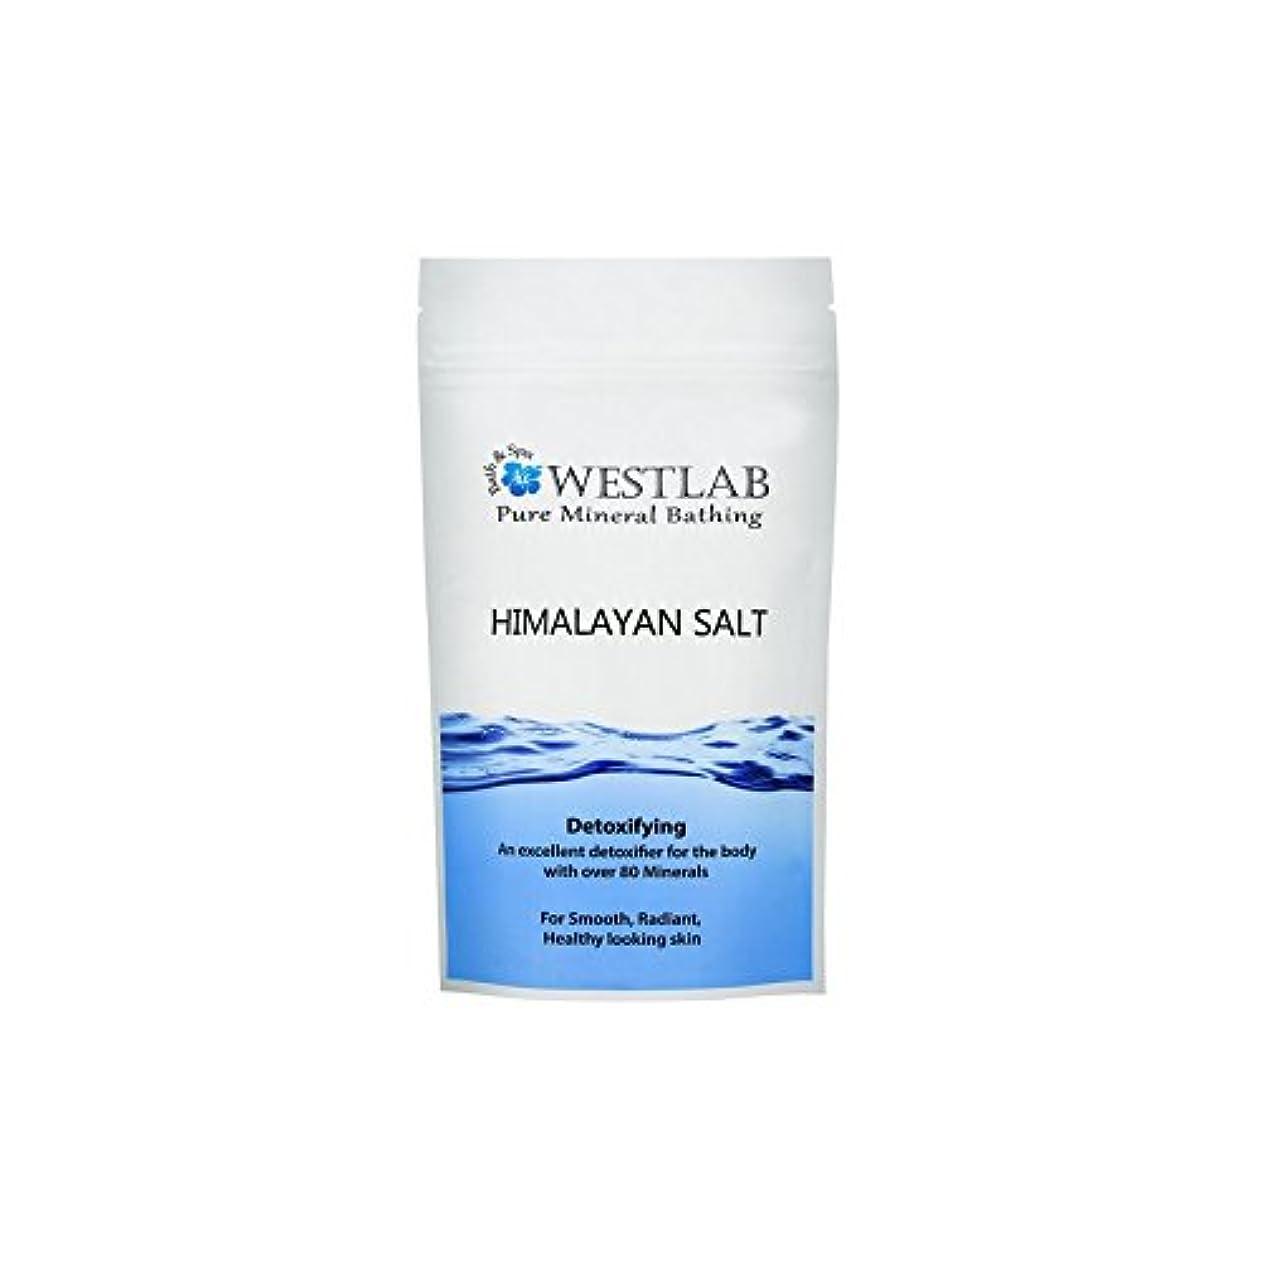 博覧会レールカウントアップヒマラヤ塩の1キロ x2 - Westlab Himalayan Salt 1kg (Pack of 2) [並行輸入品]